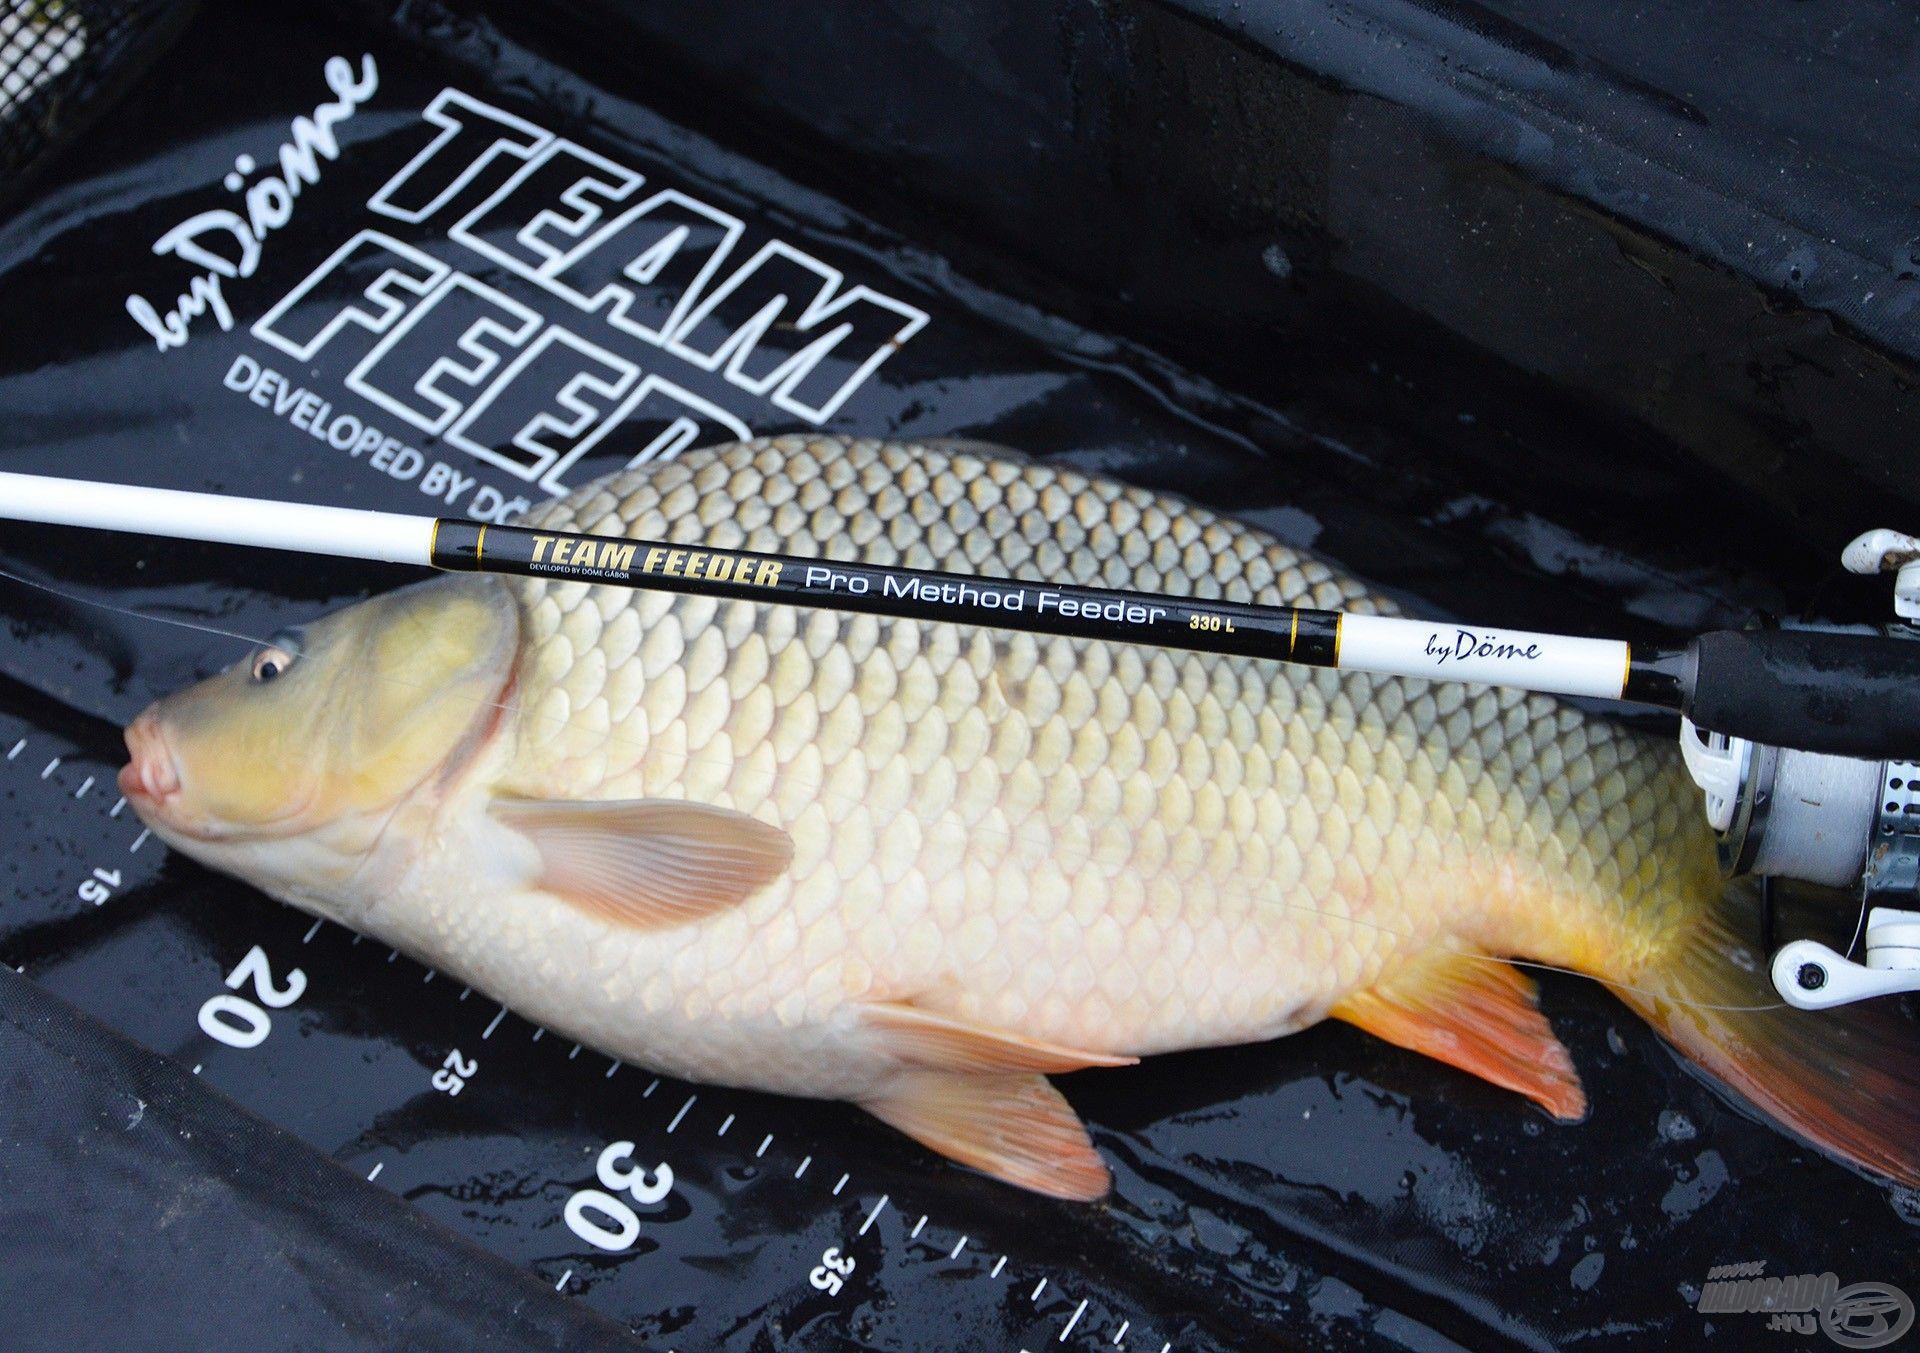 Finomszerelékes method horgászoknak ajánlom ezt az összeállítást!